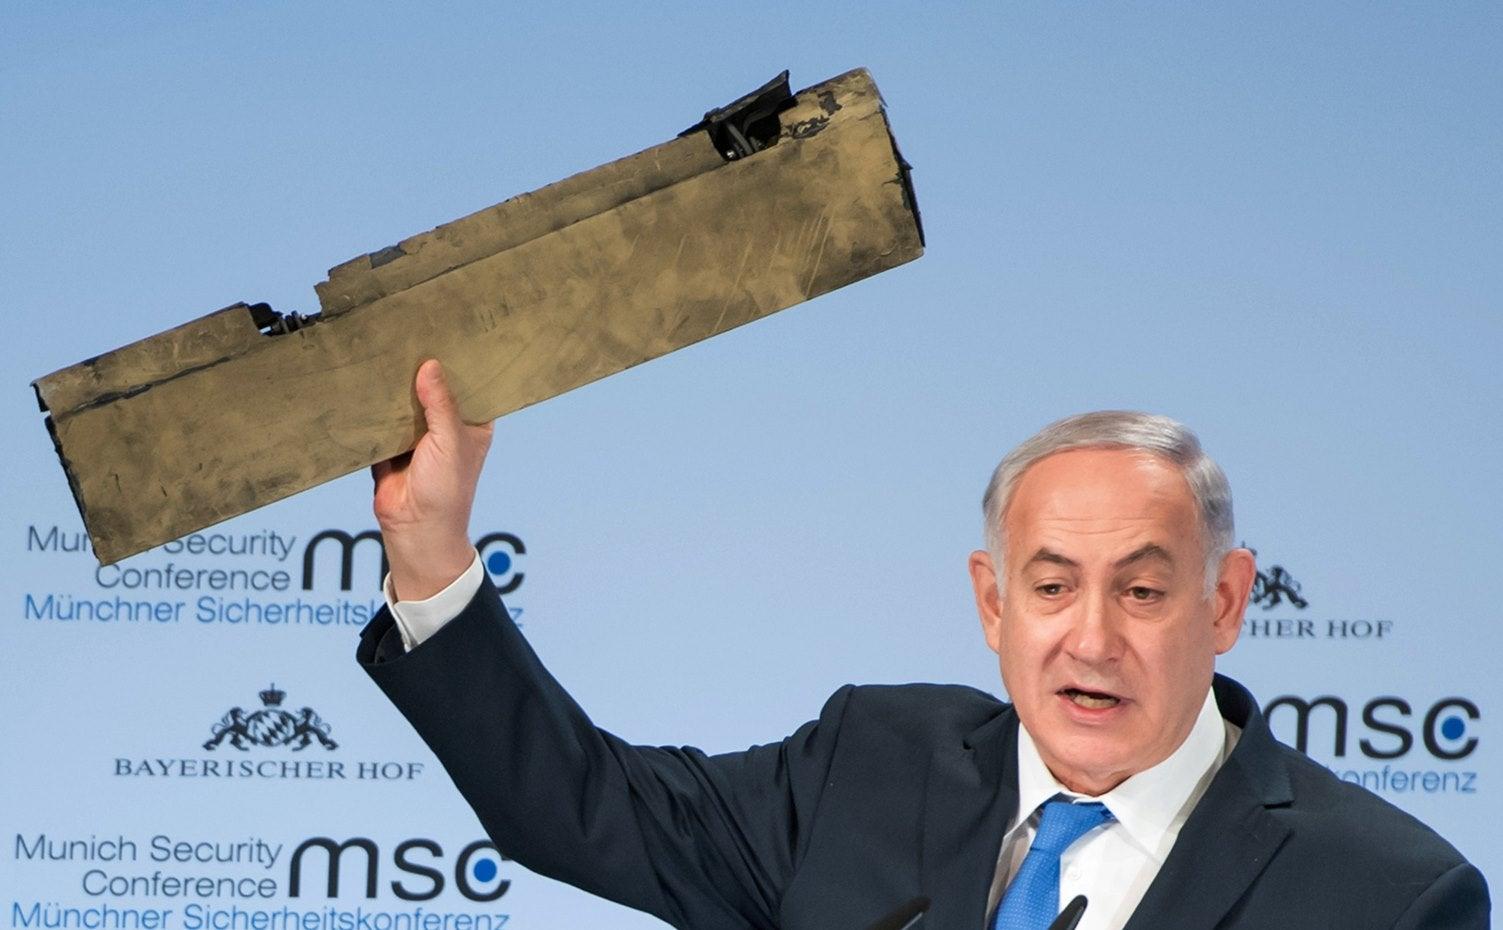 Israel e Irã trocam ameaças em conferência de segurança